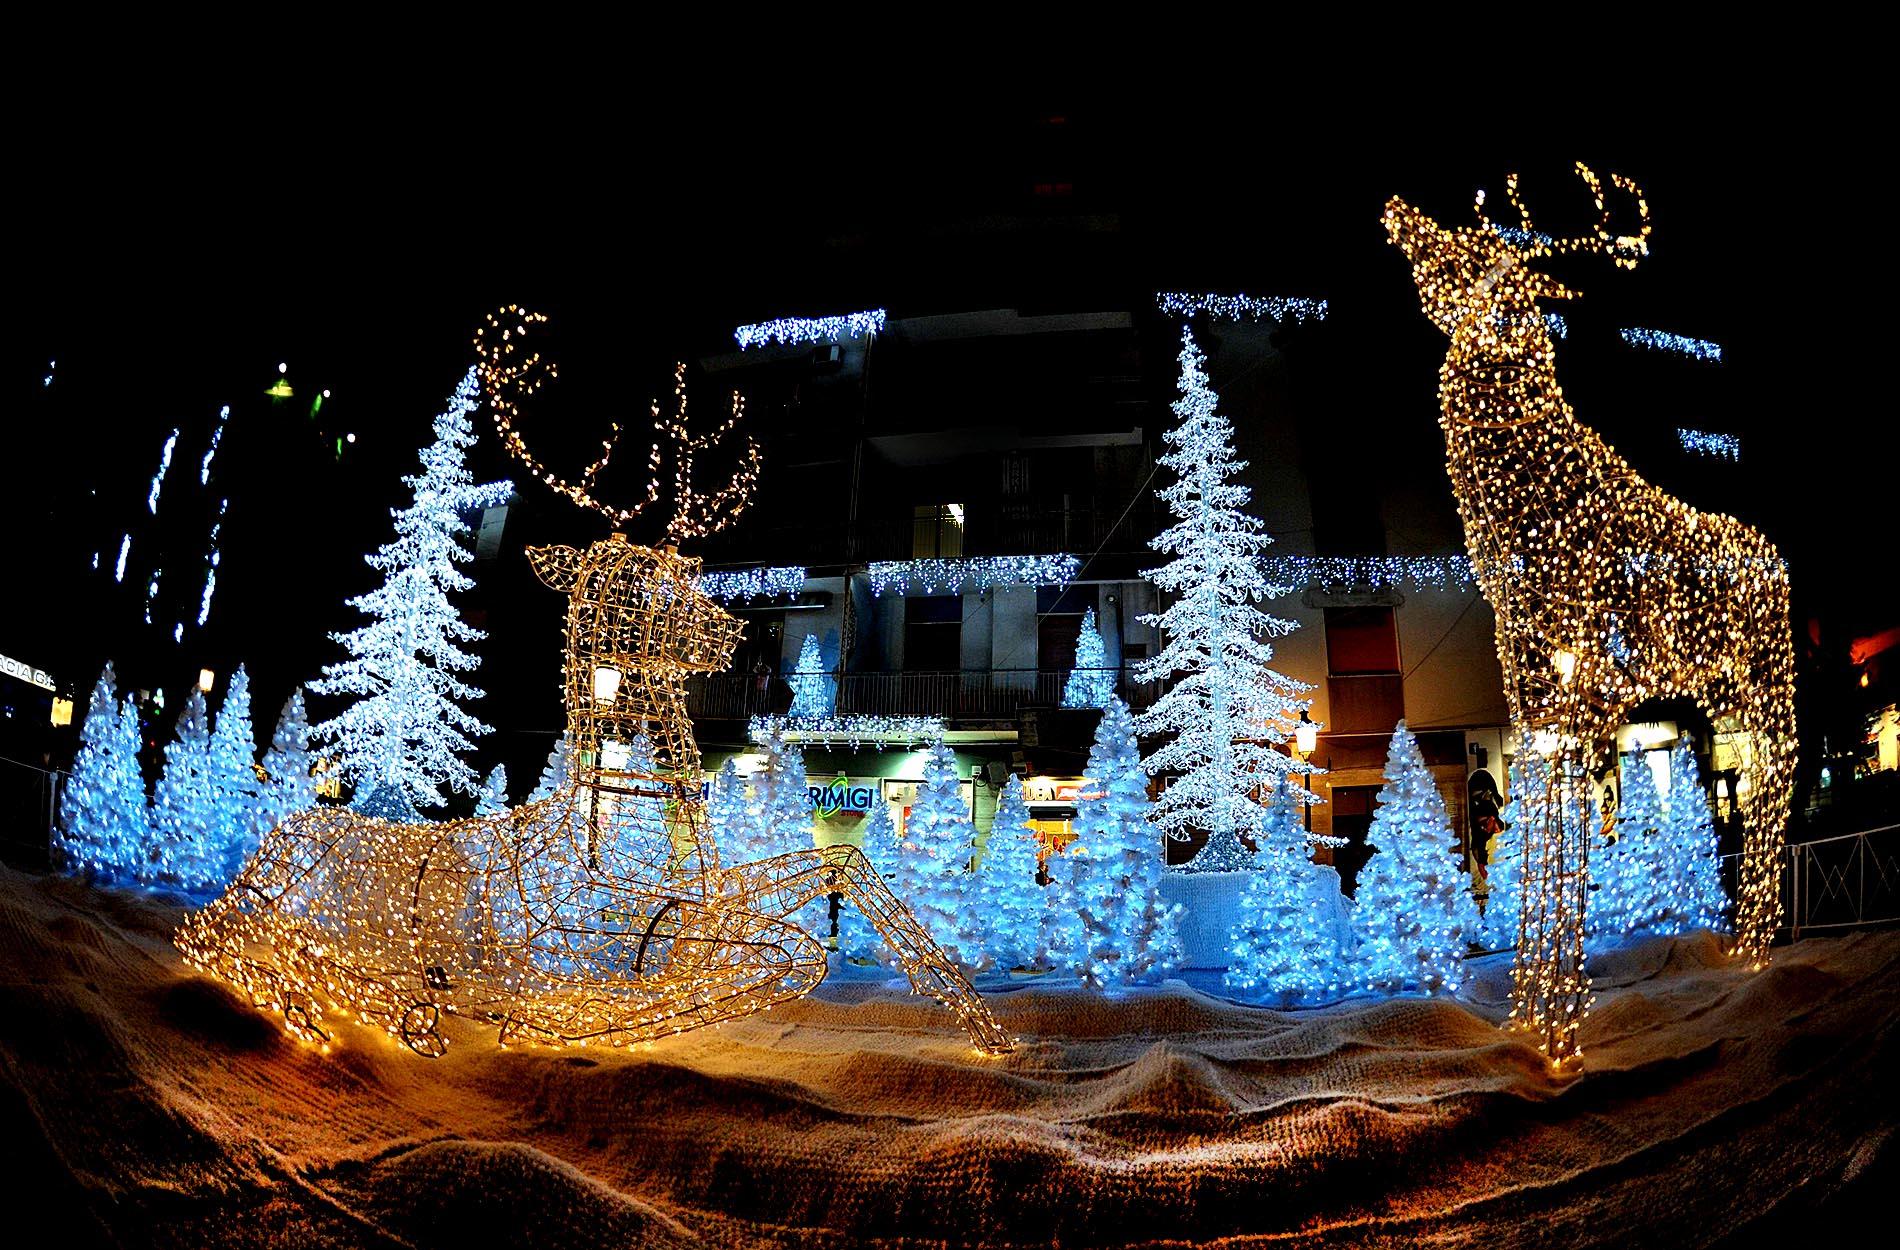 Luci d'Artista: dal 7 novembre al 31 gennaio nella città di Salerno